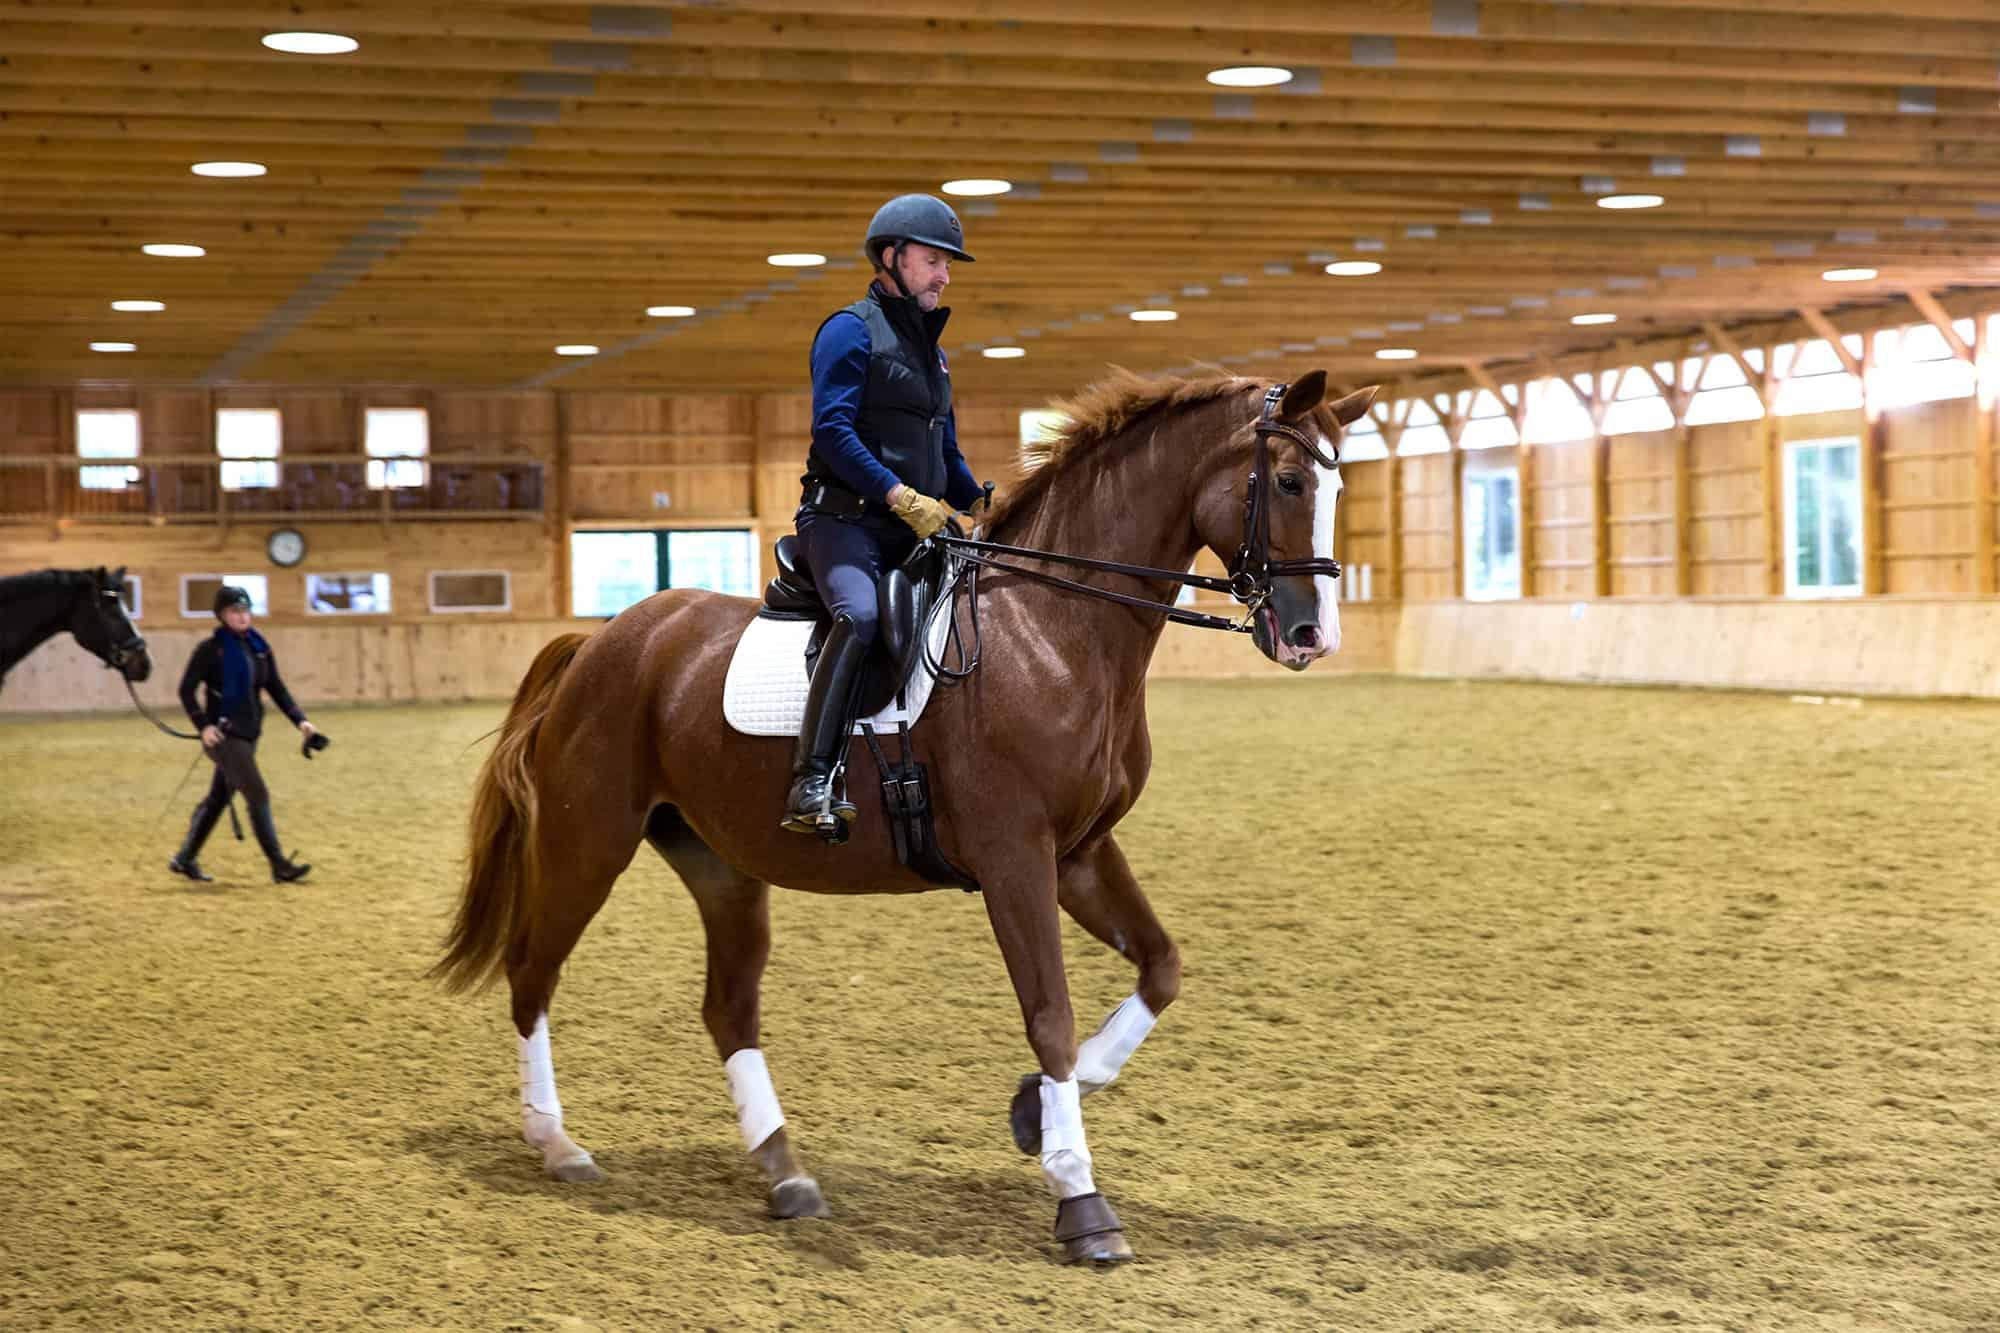 horse rider saddle